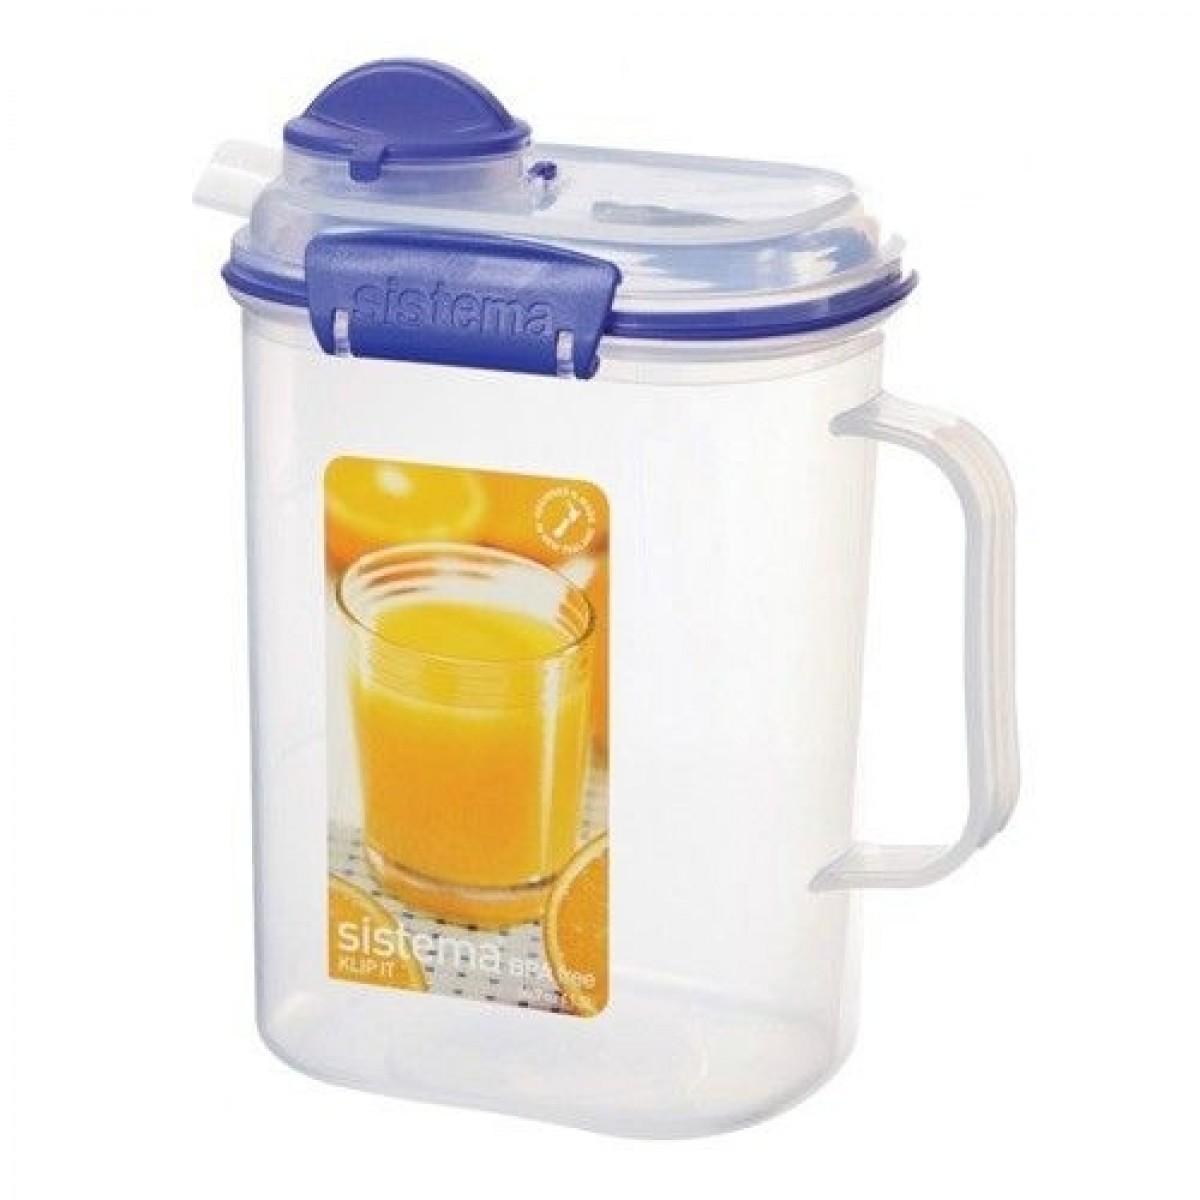 SISTEMA Juice kande blå 1,5 ltr